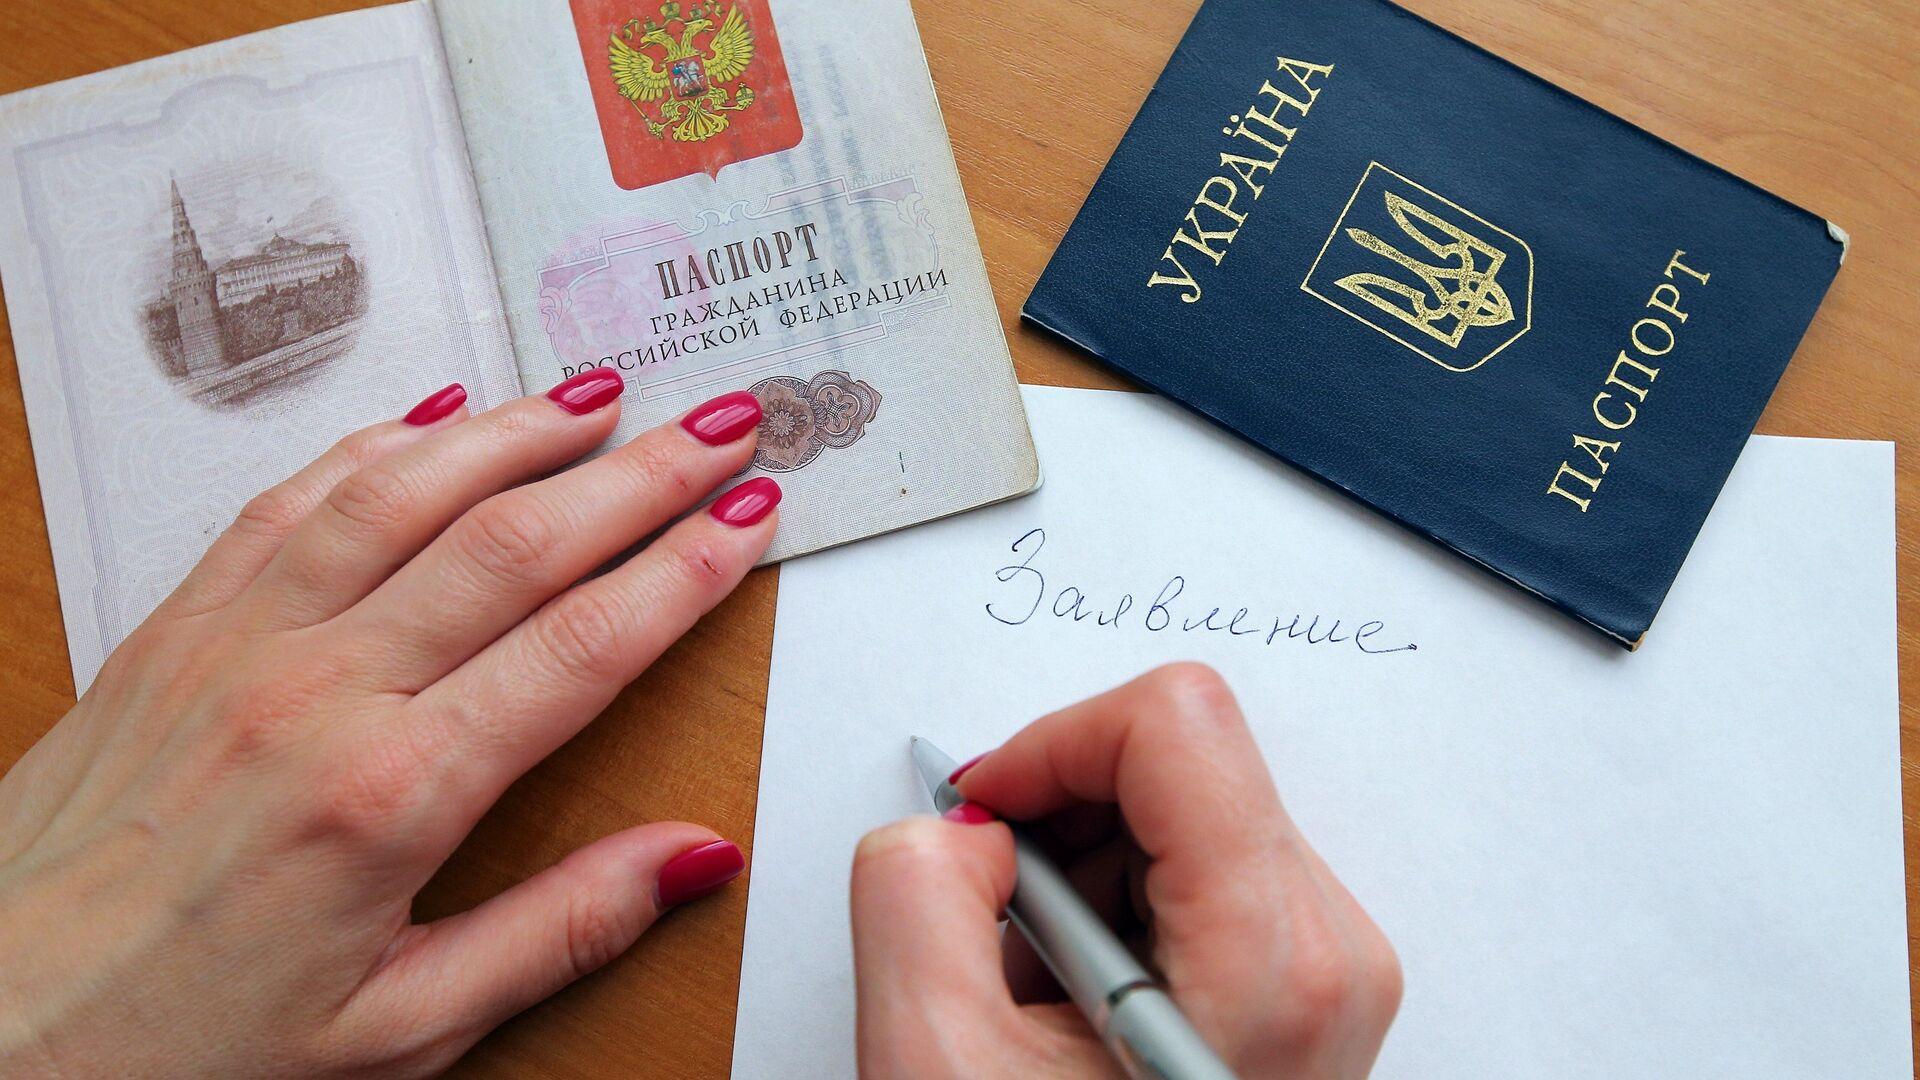 Паспорта гражданина Российской Федерации и гражданина Украины - РИА Новости, 1920, 25.07.2021